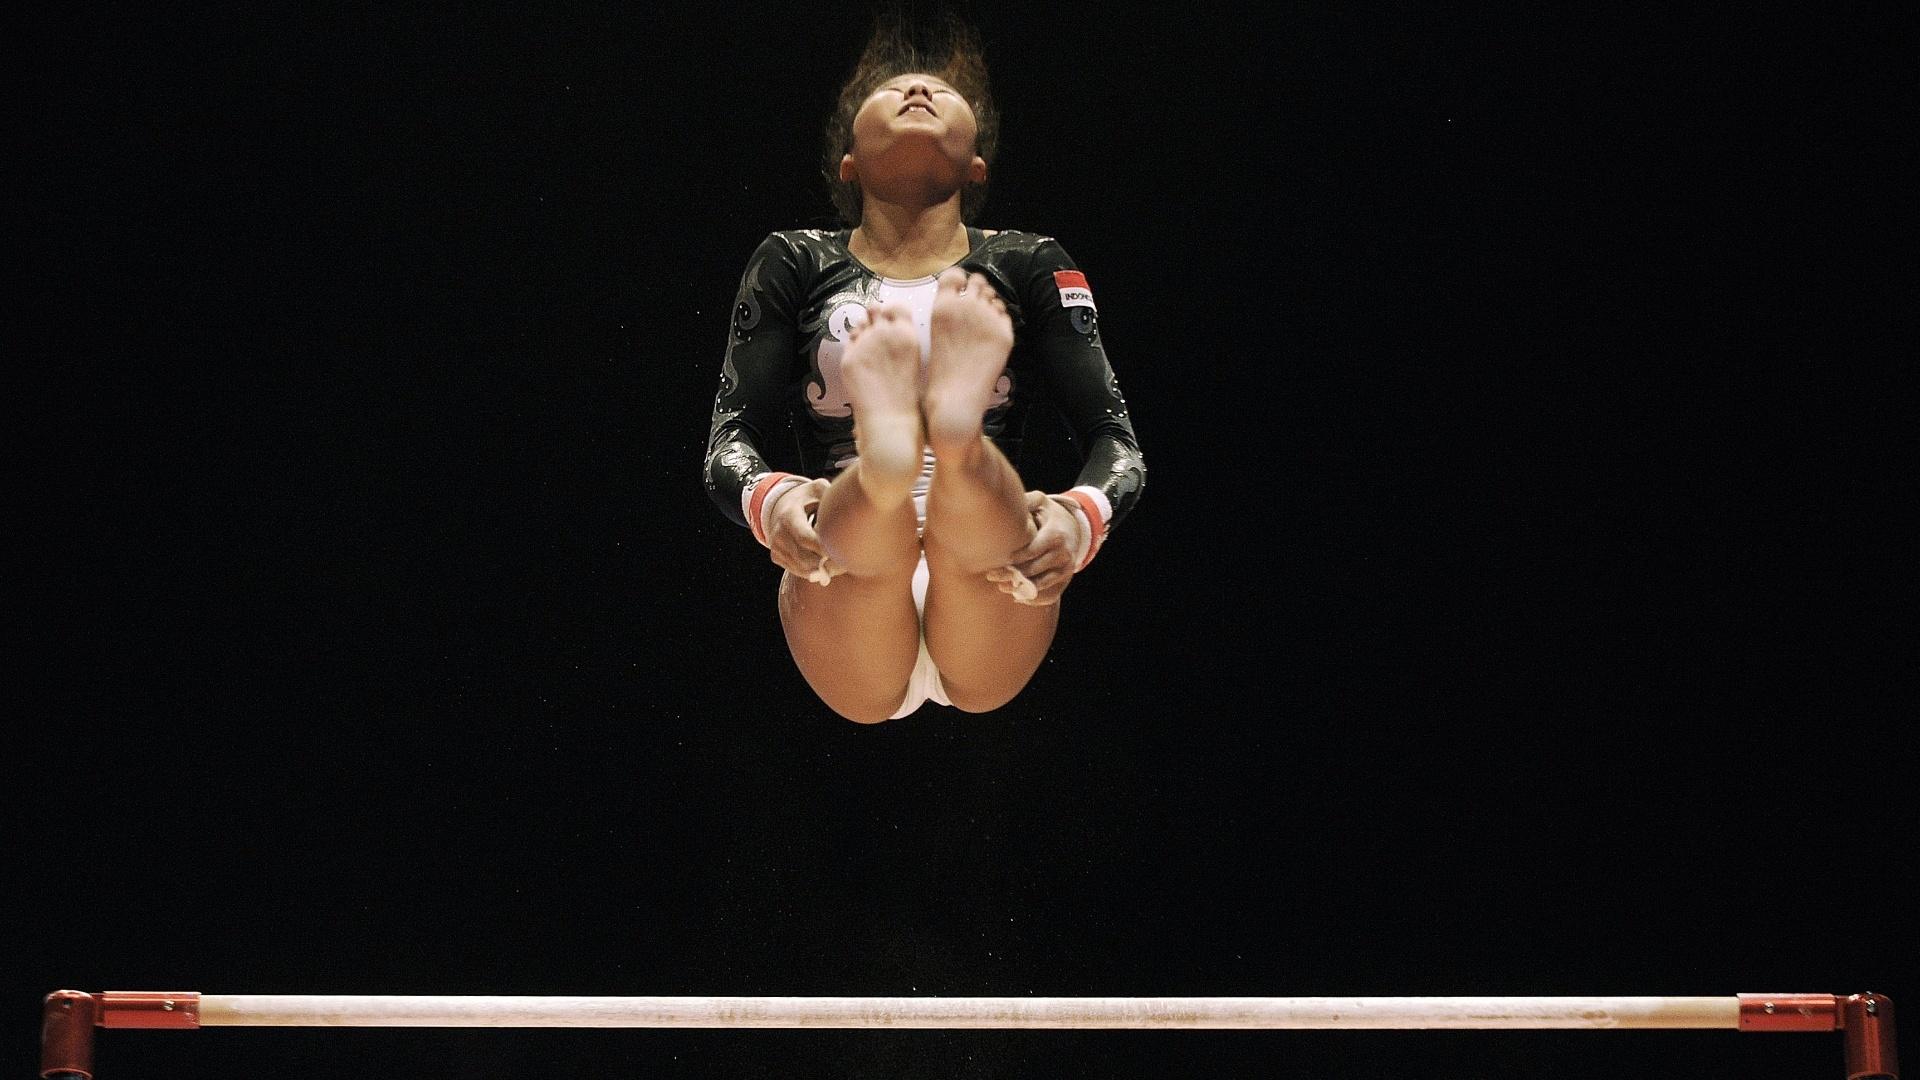 Atleta da Indonésia faz sua série nas barras assimétricas